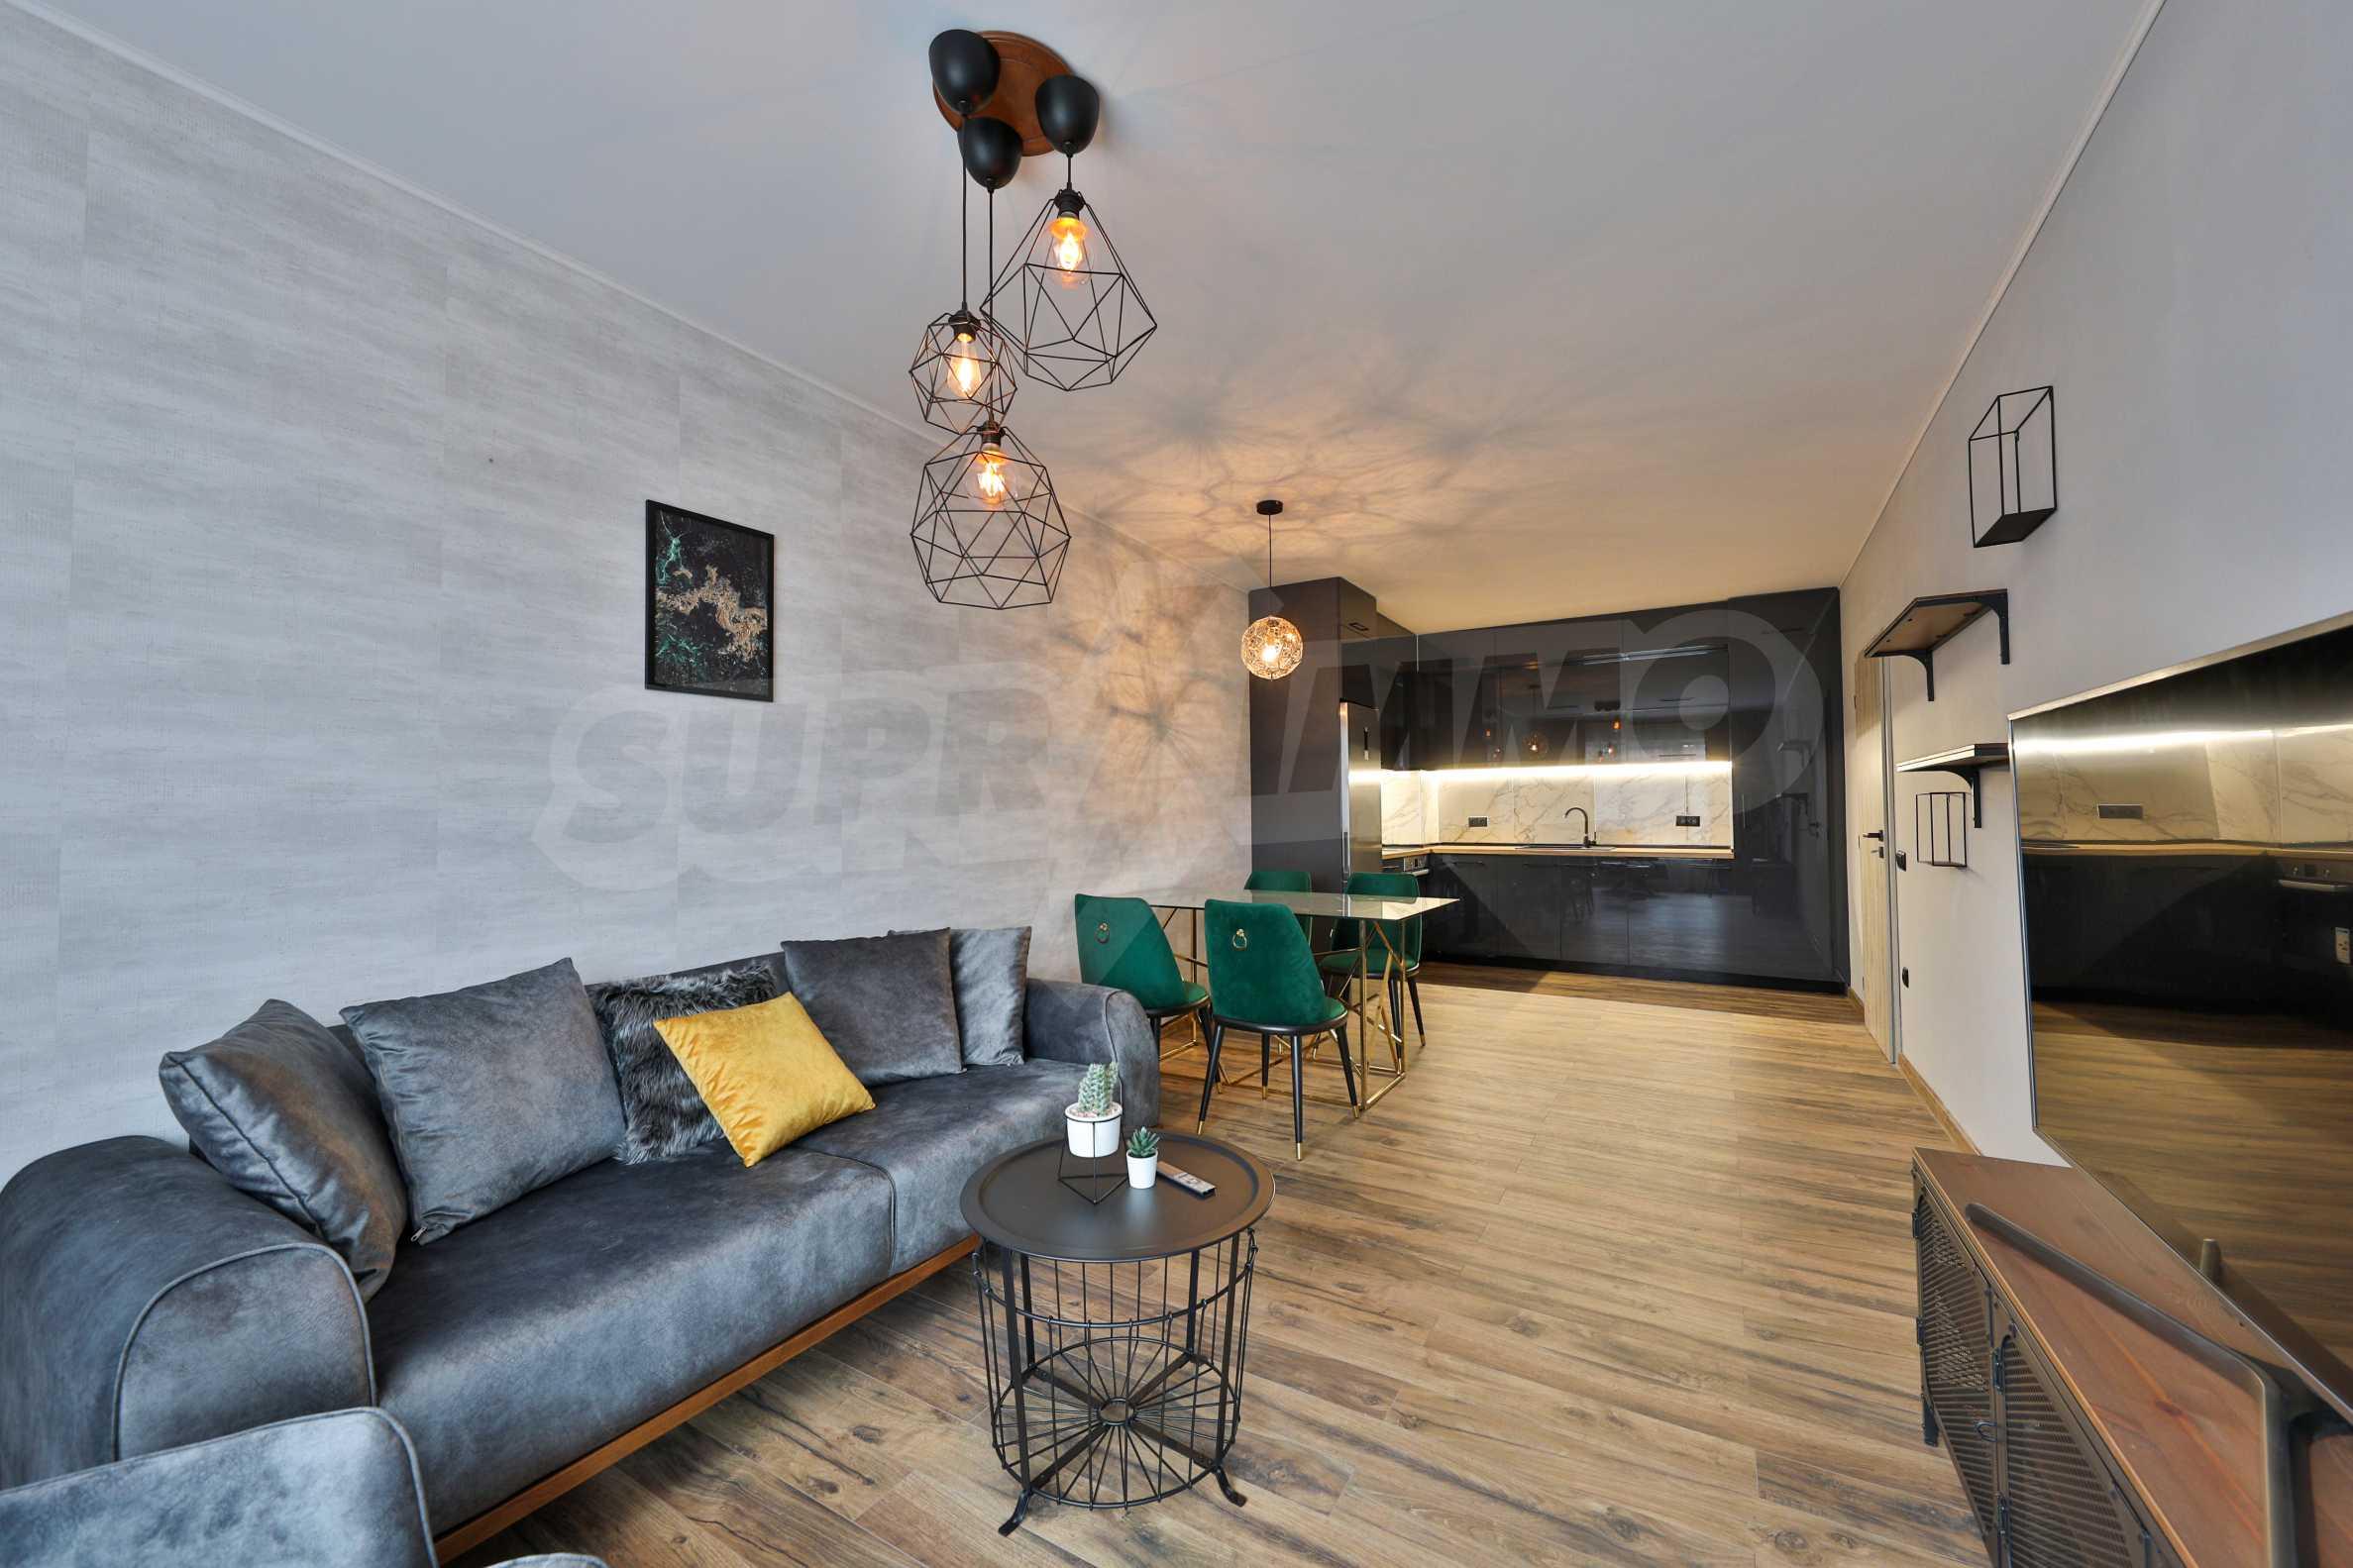 Нов, дизайнерски обзаведен двустаен апартамент с гараж в Центъра до метростанция и парк